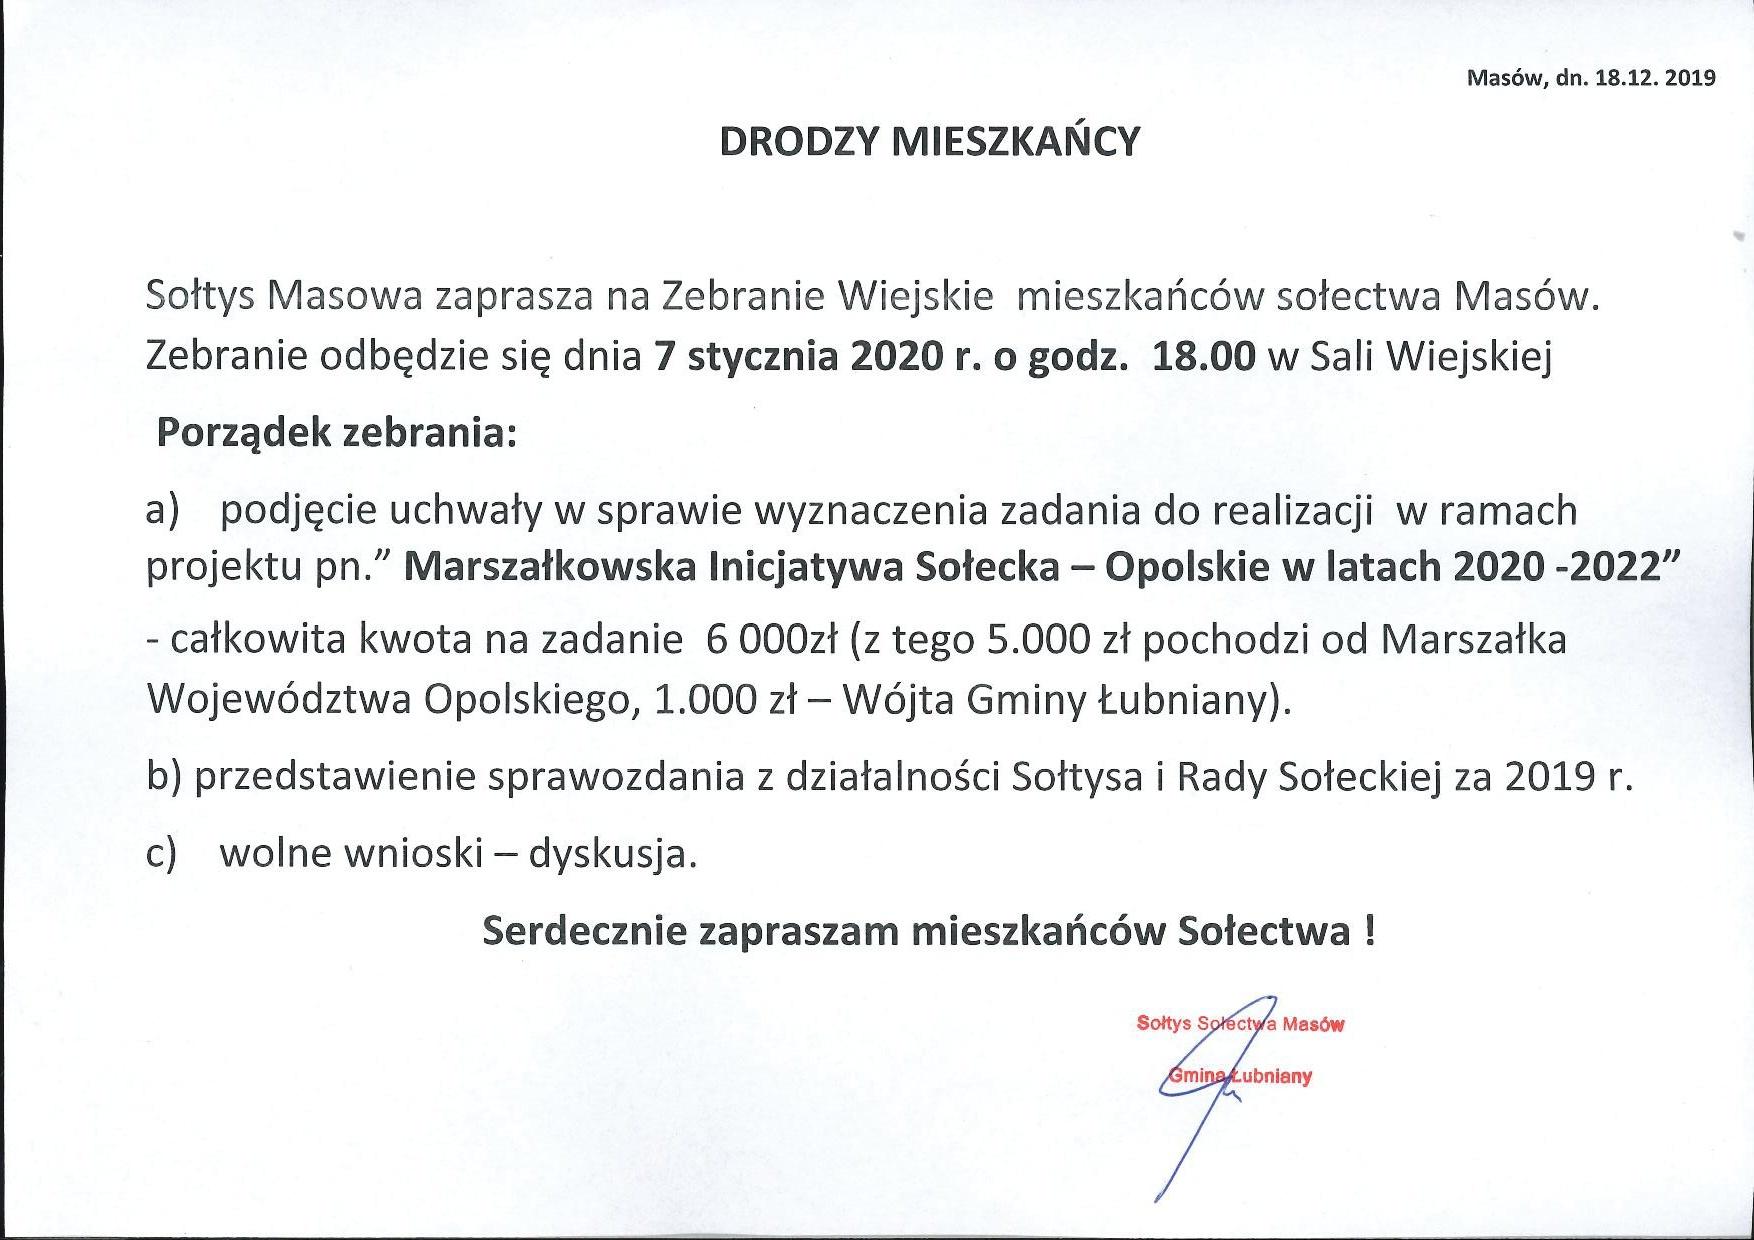 Ogłoszenie o zebraniu wiejskim w dniu 7 stycznia 2020 r.